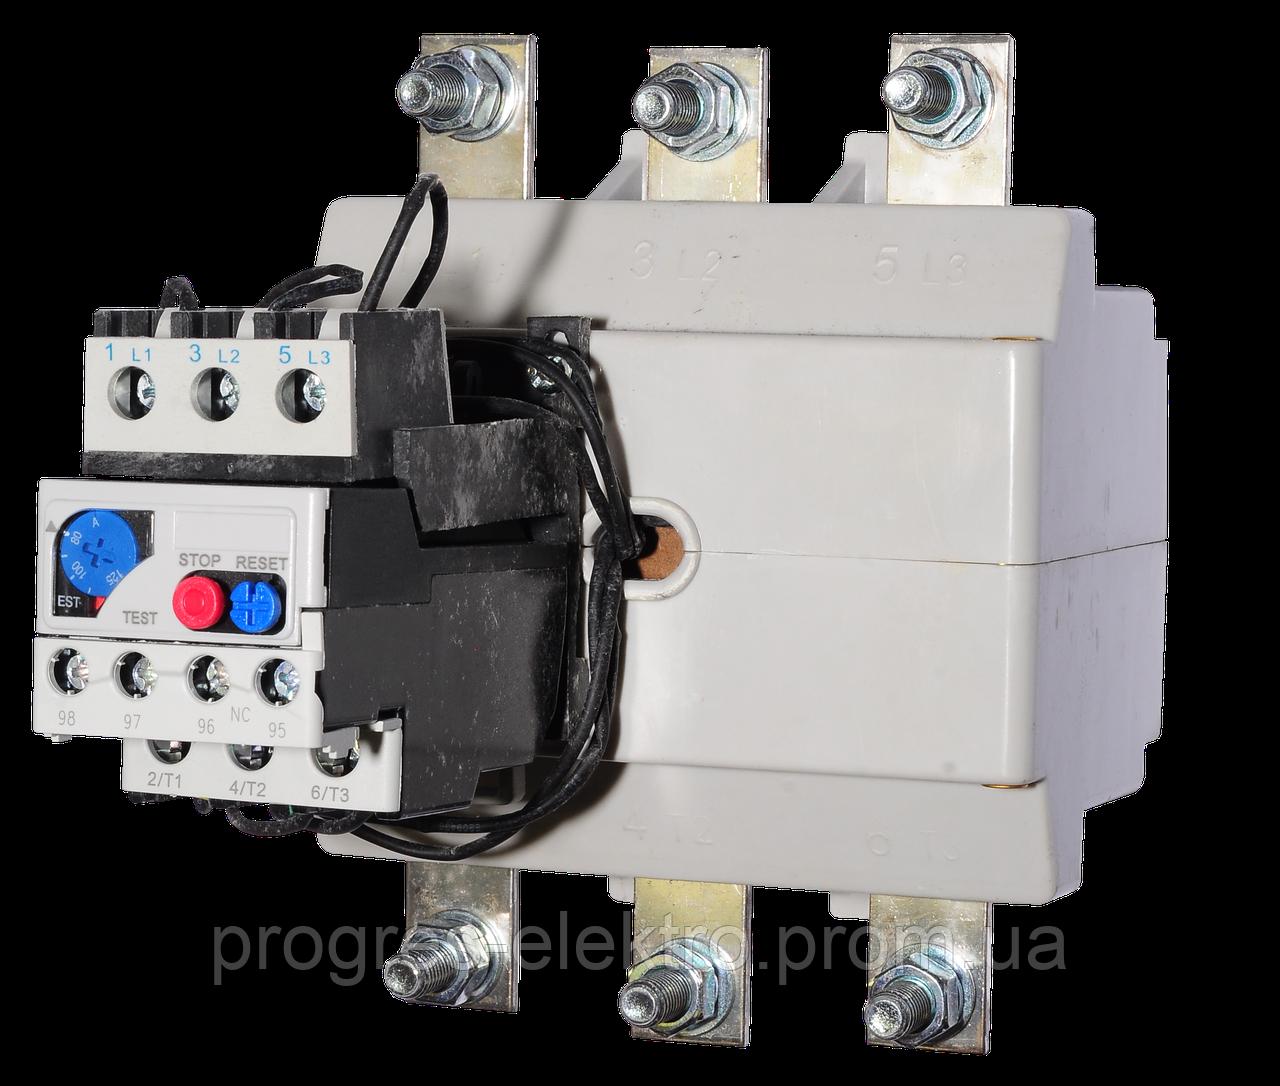 Тепловое реле FTR 2М-200 100-160А Promfactor